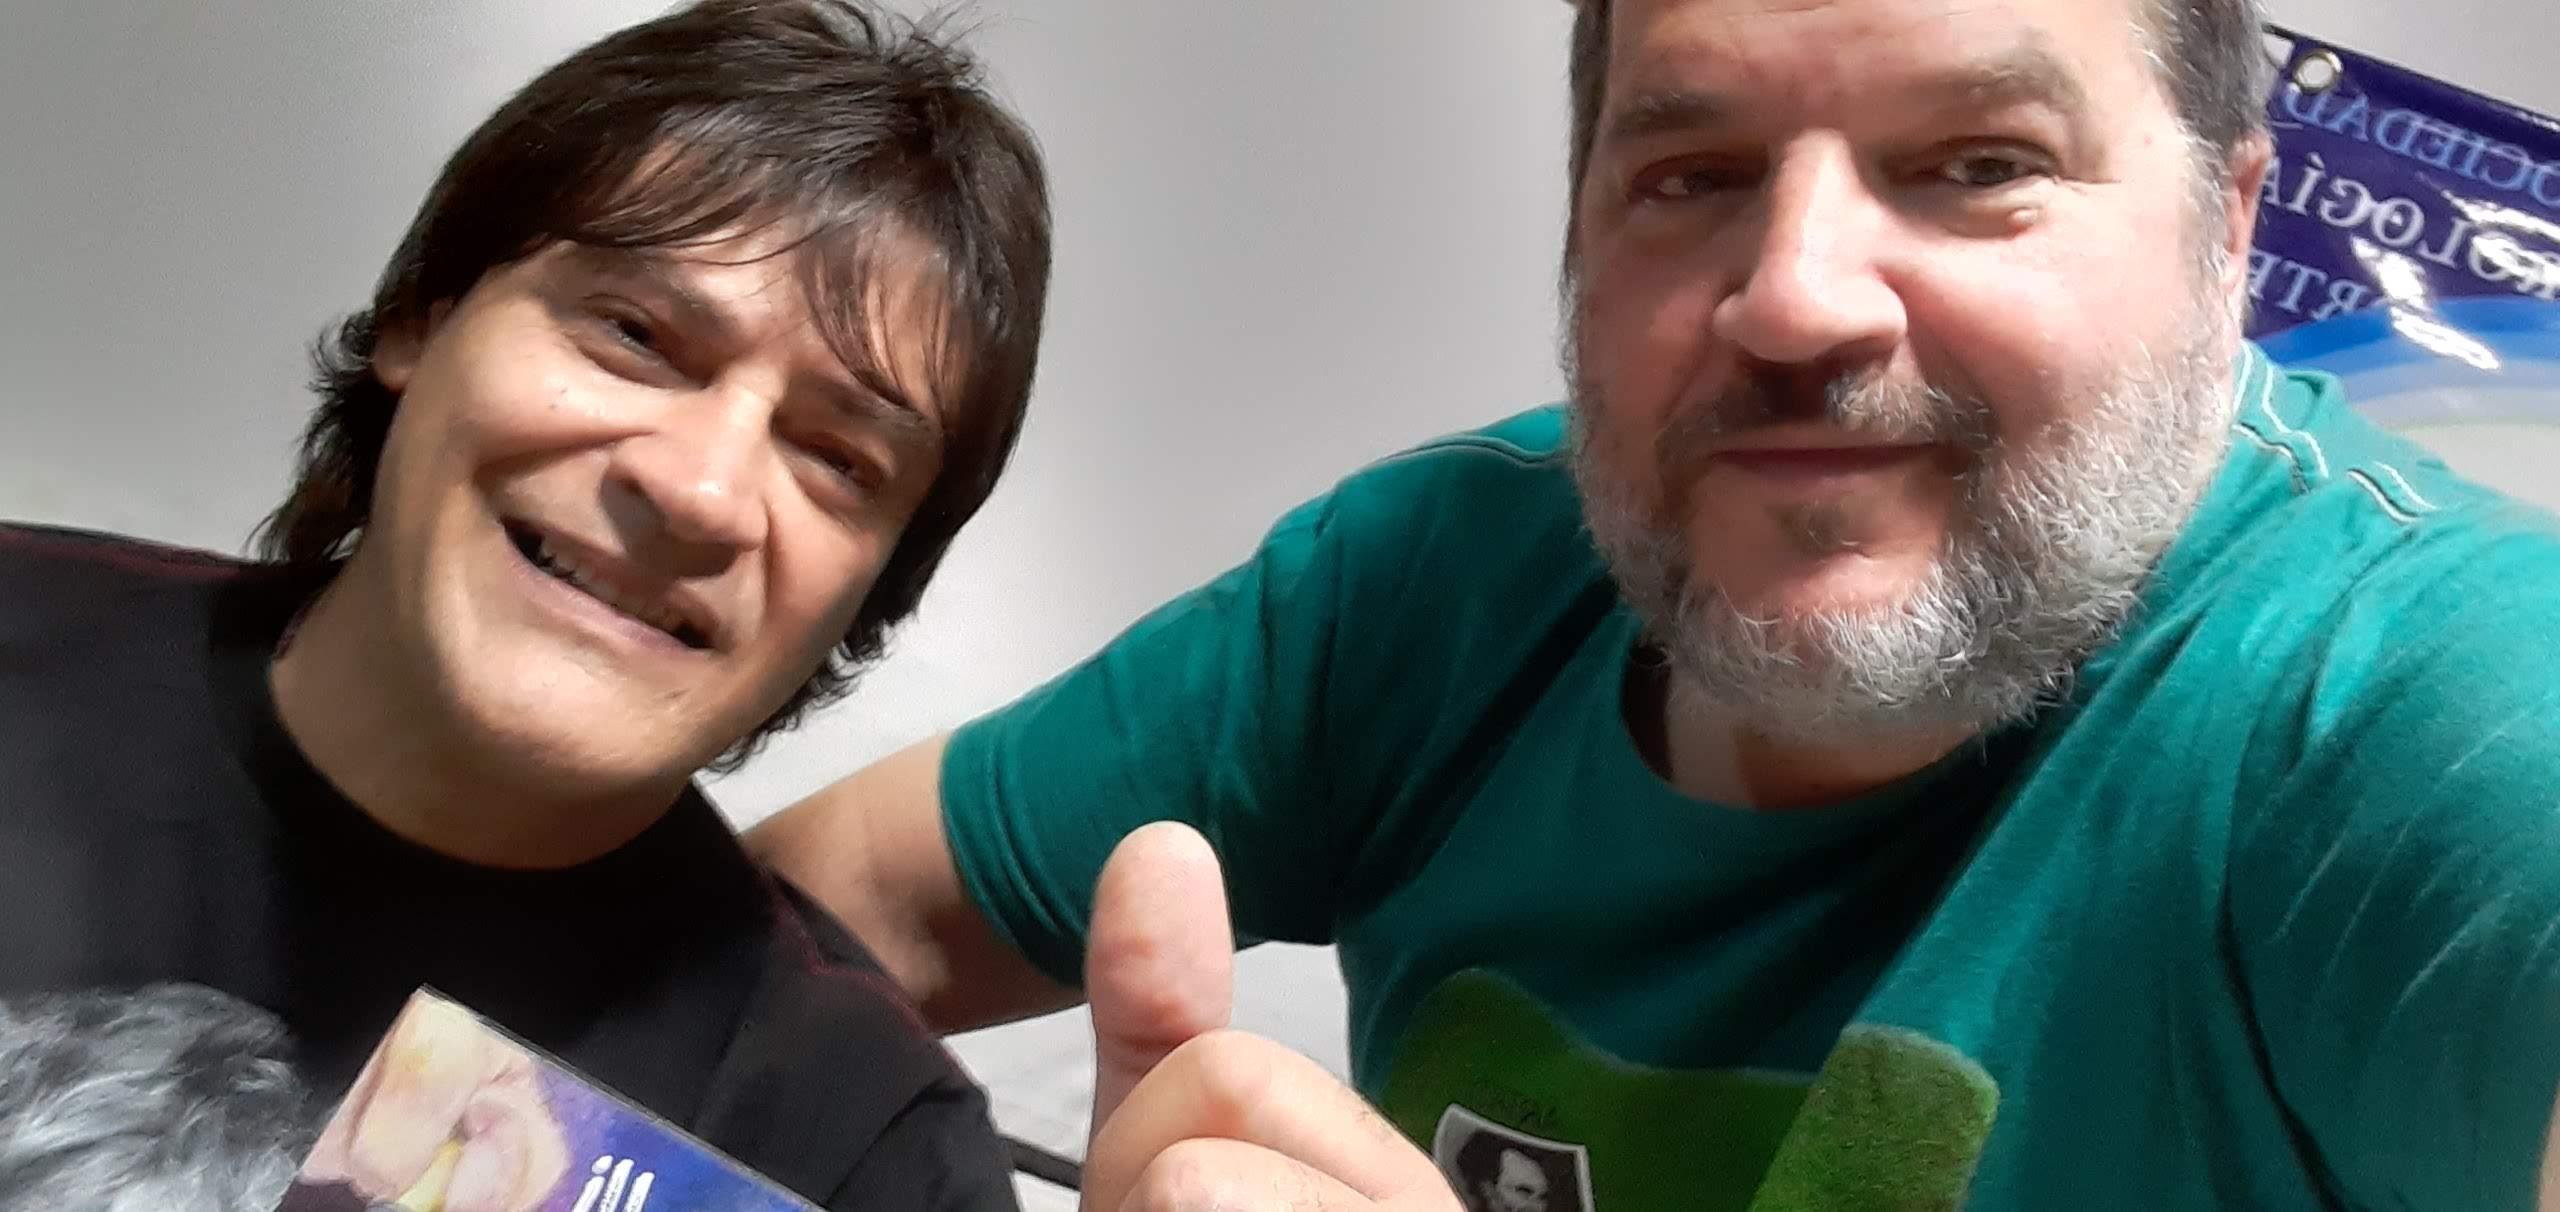 Con Bonzo Morelli